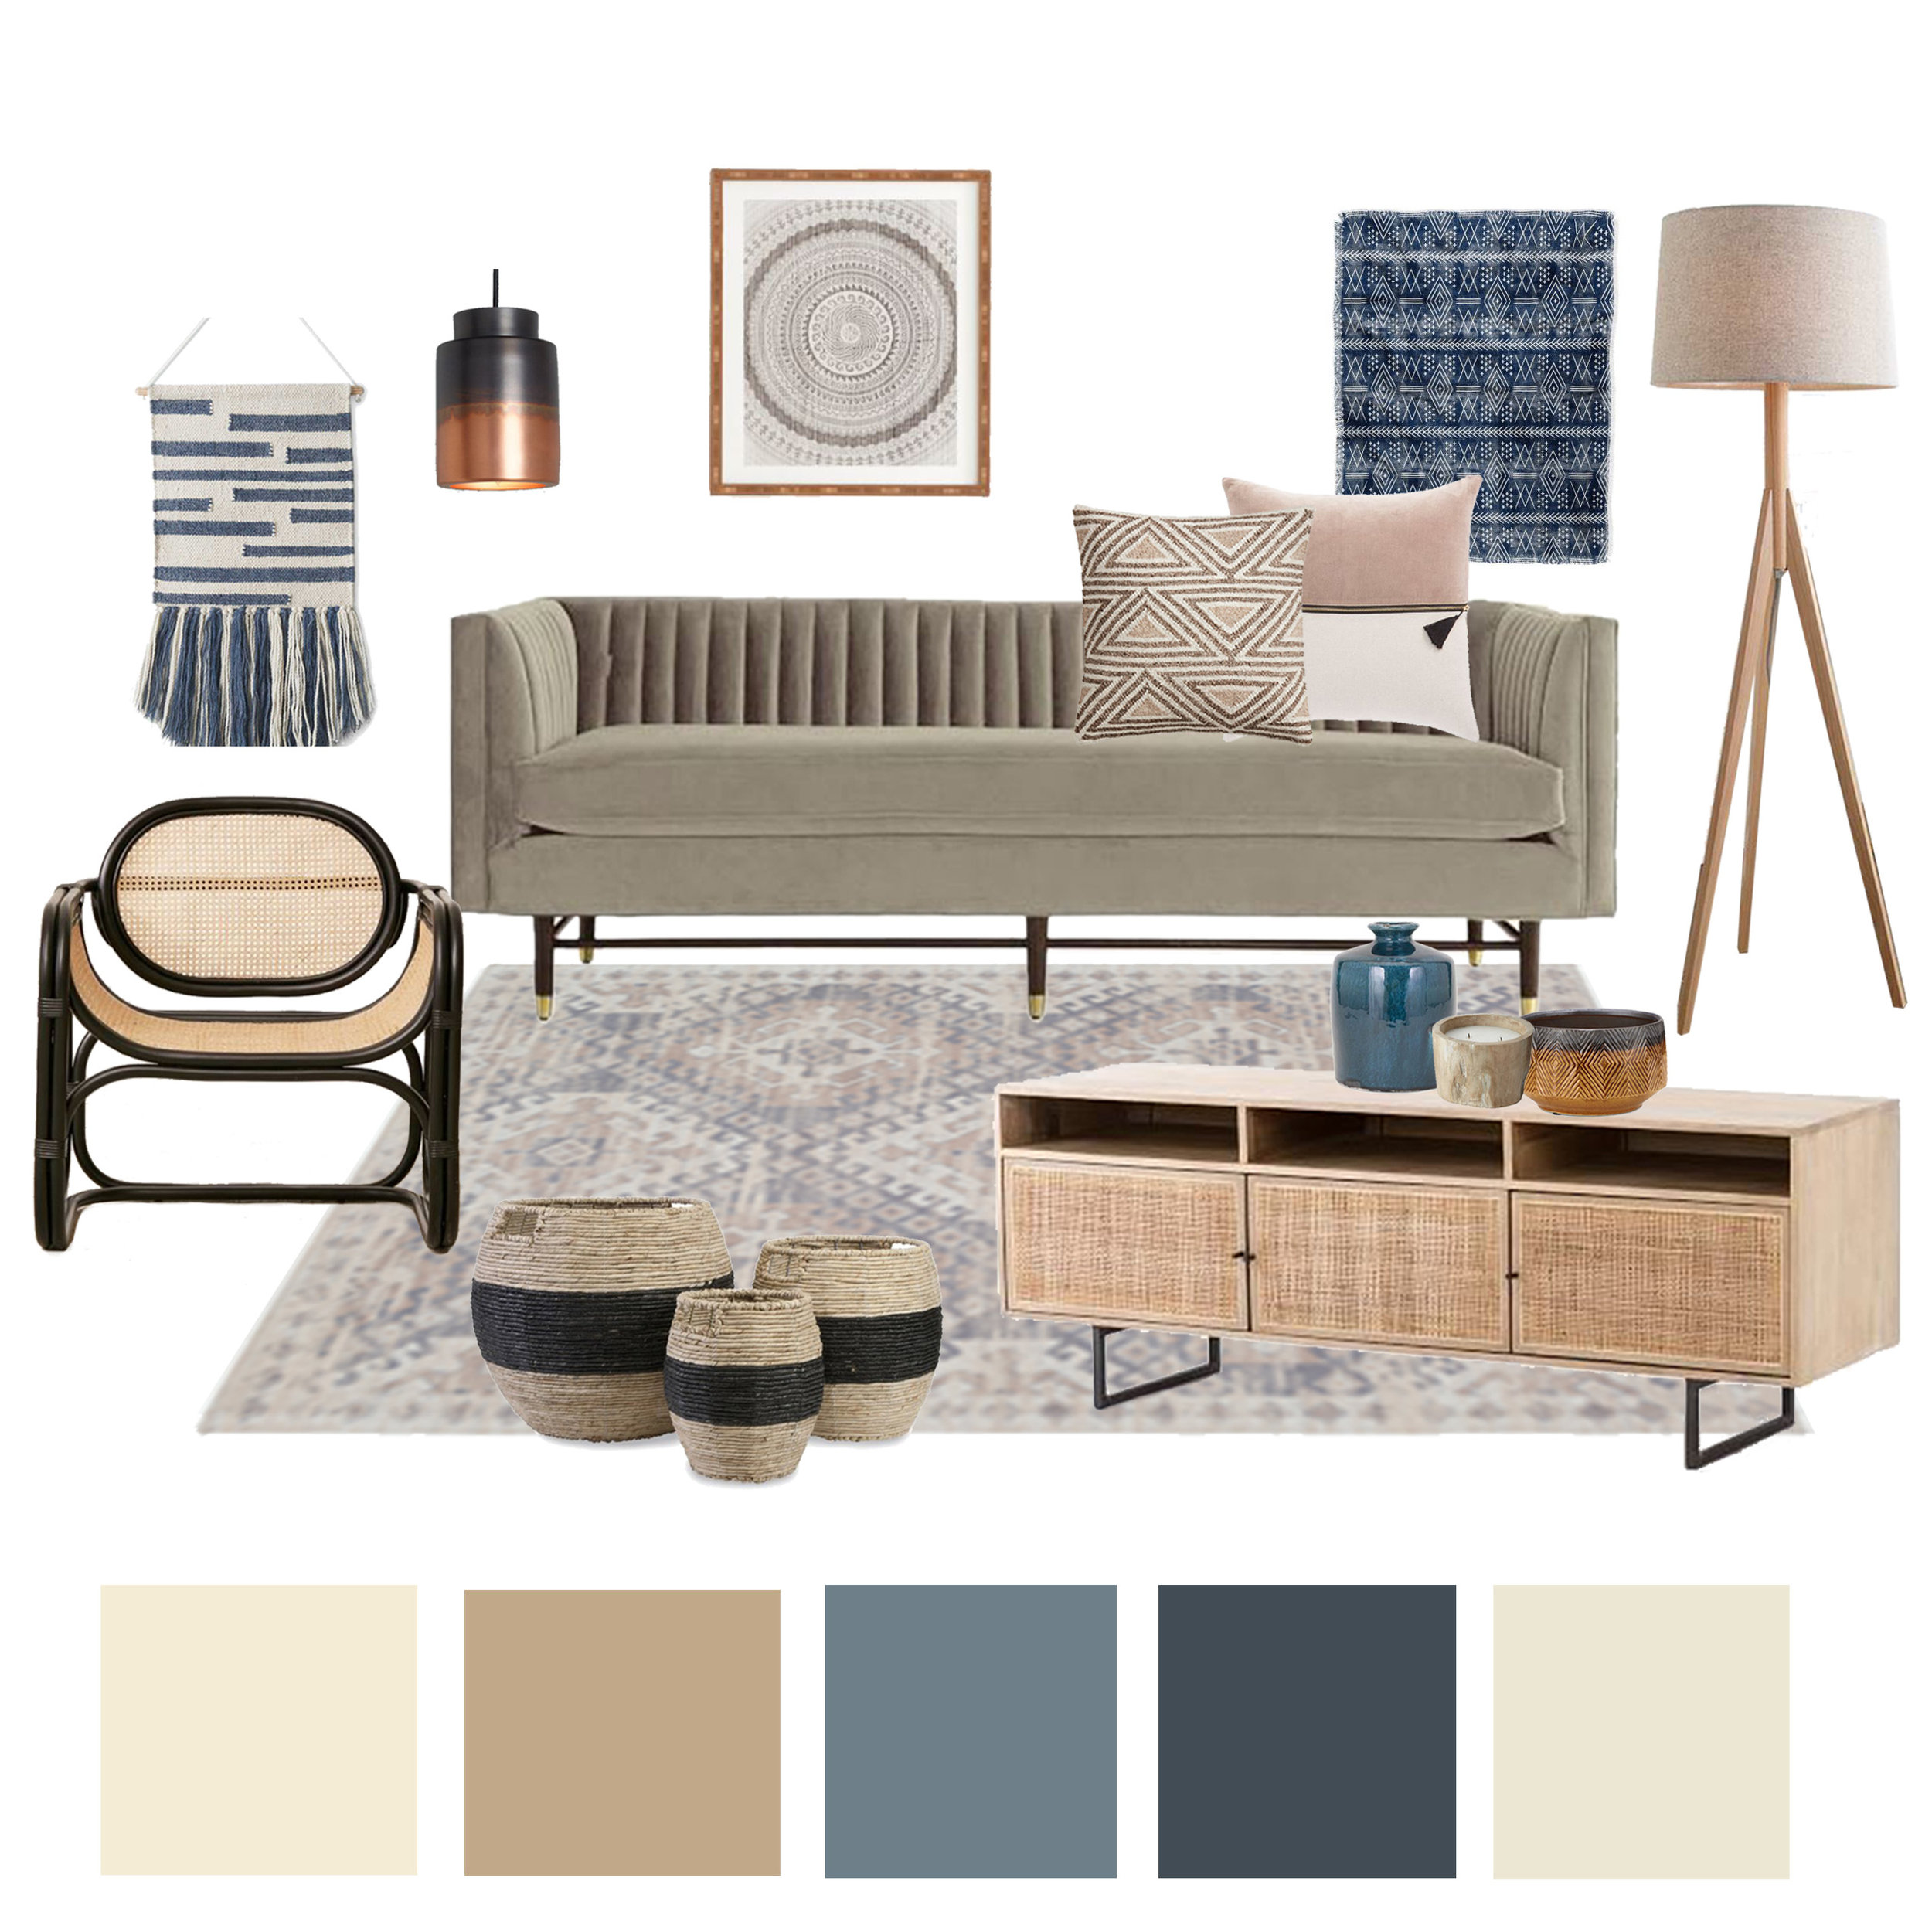 Eclectic Living Room Board.jpg